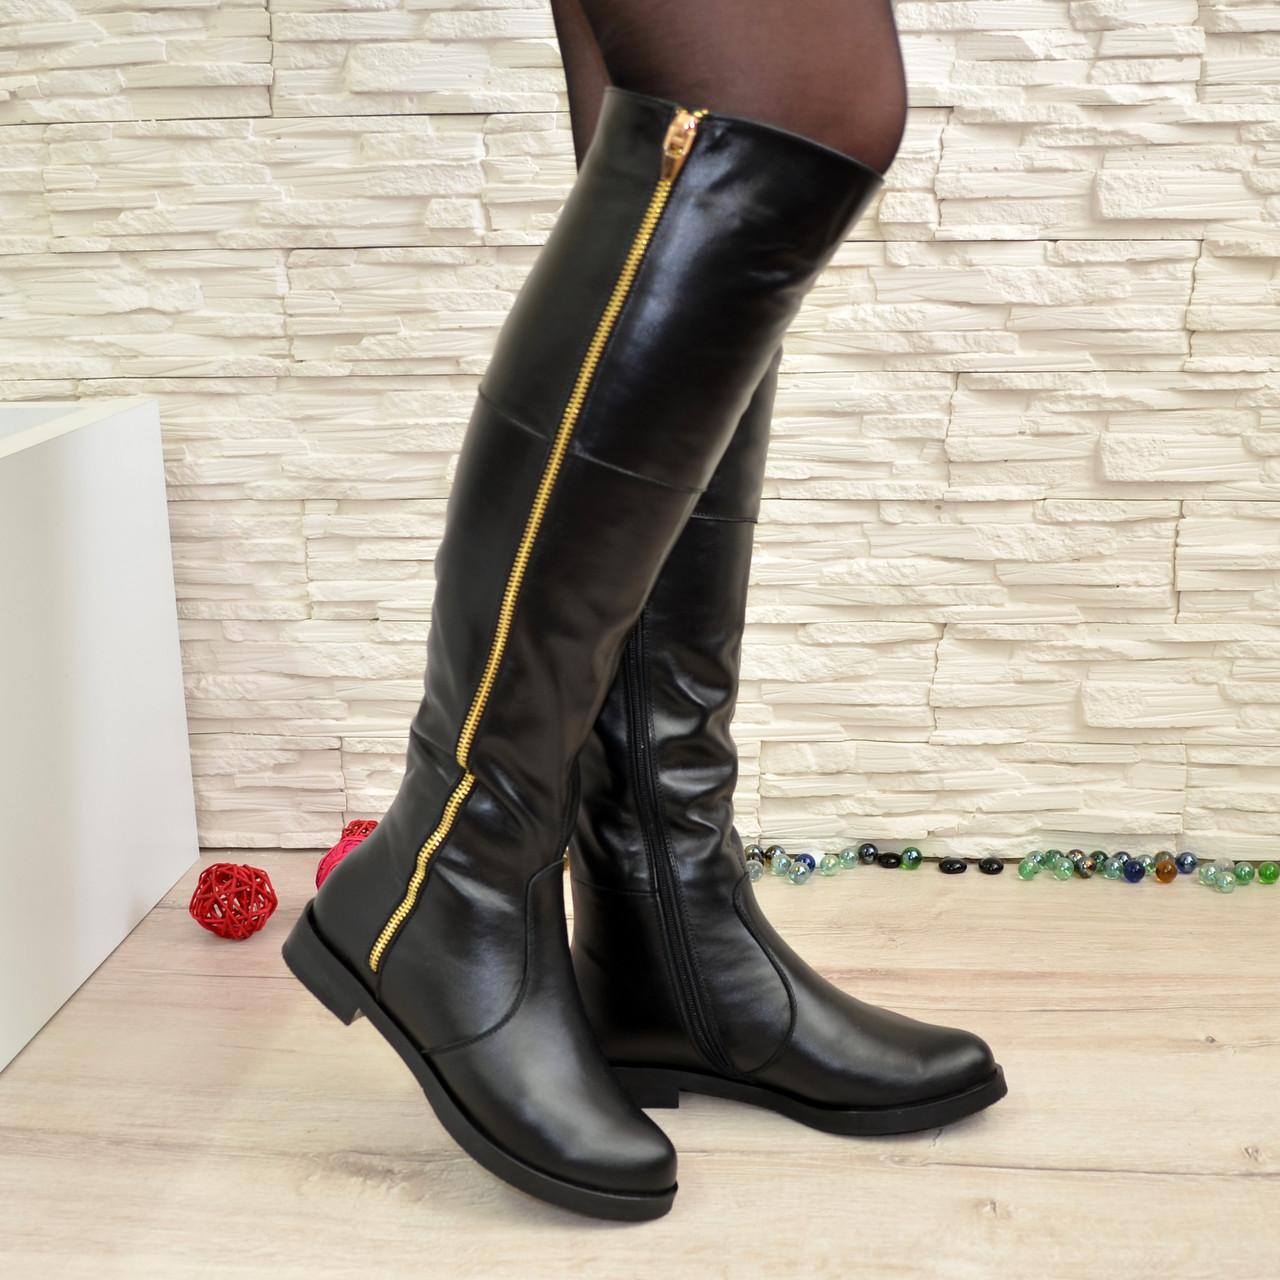 c8d4d07b6 Ботфорты женские зимние кожаные, декорированы молнией: продажа, цена ...